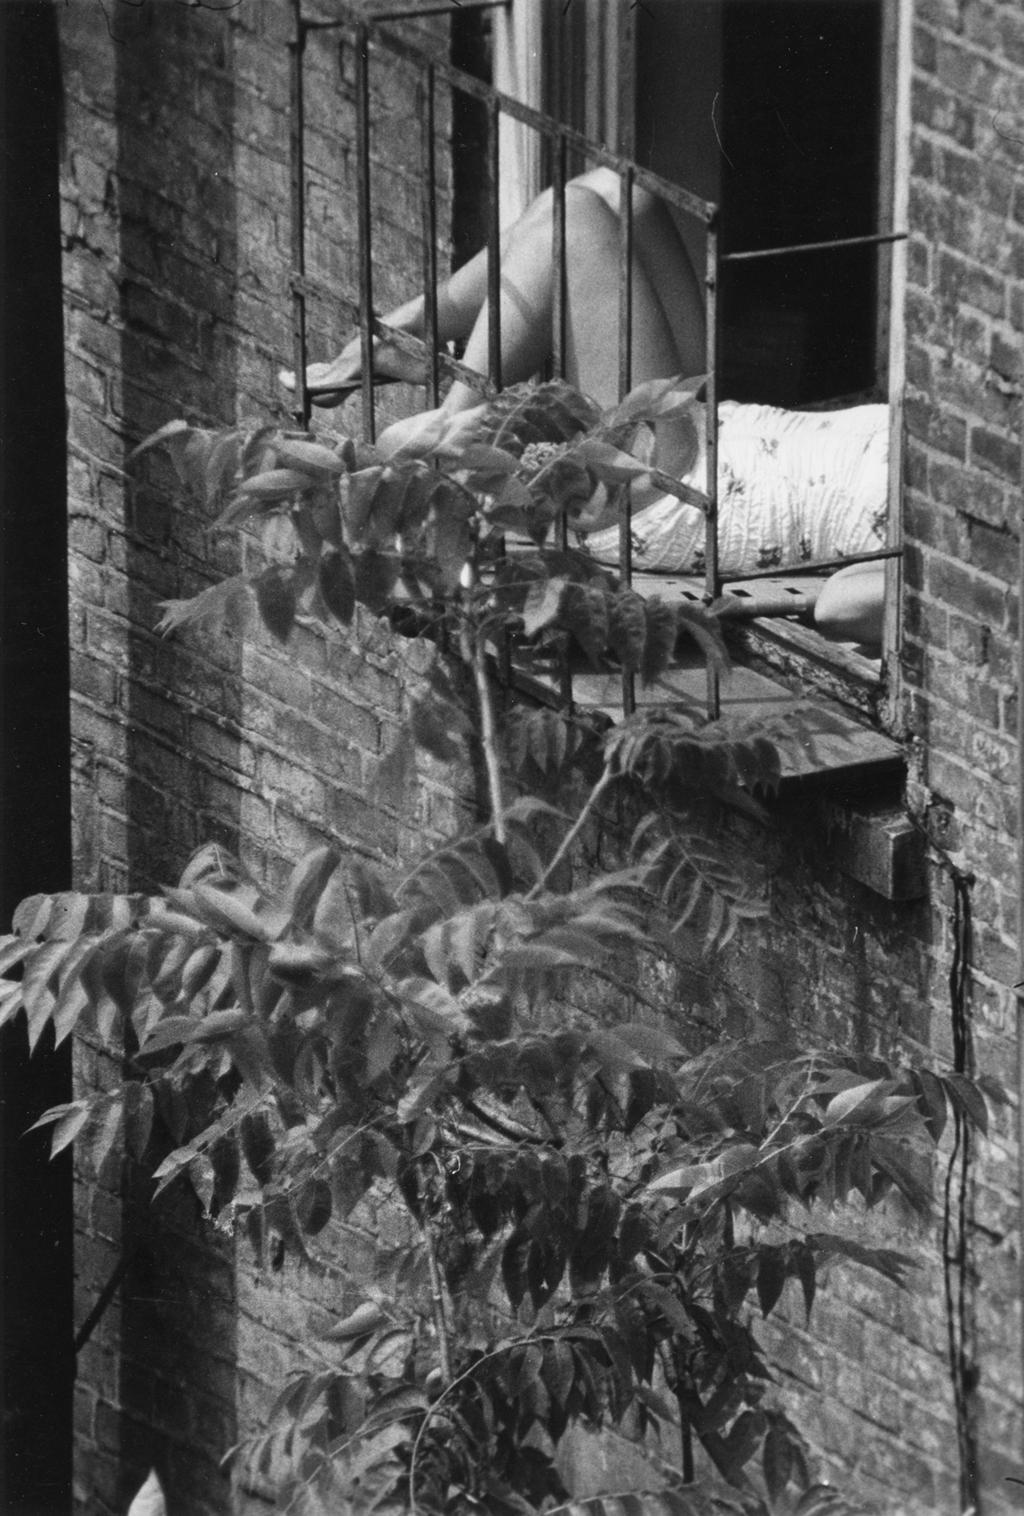 New York, 1960. - (André Kertész)